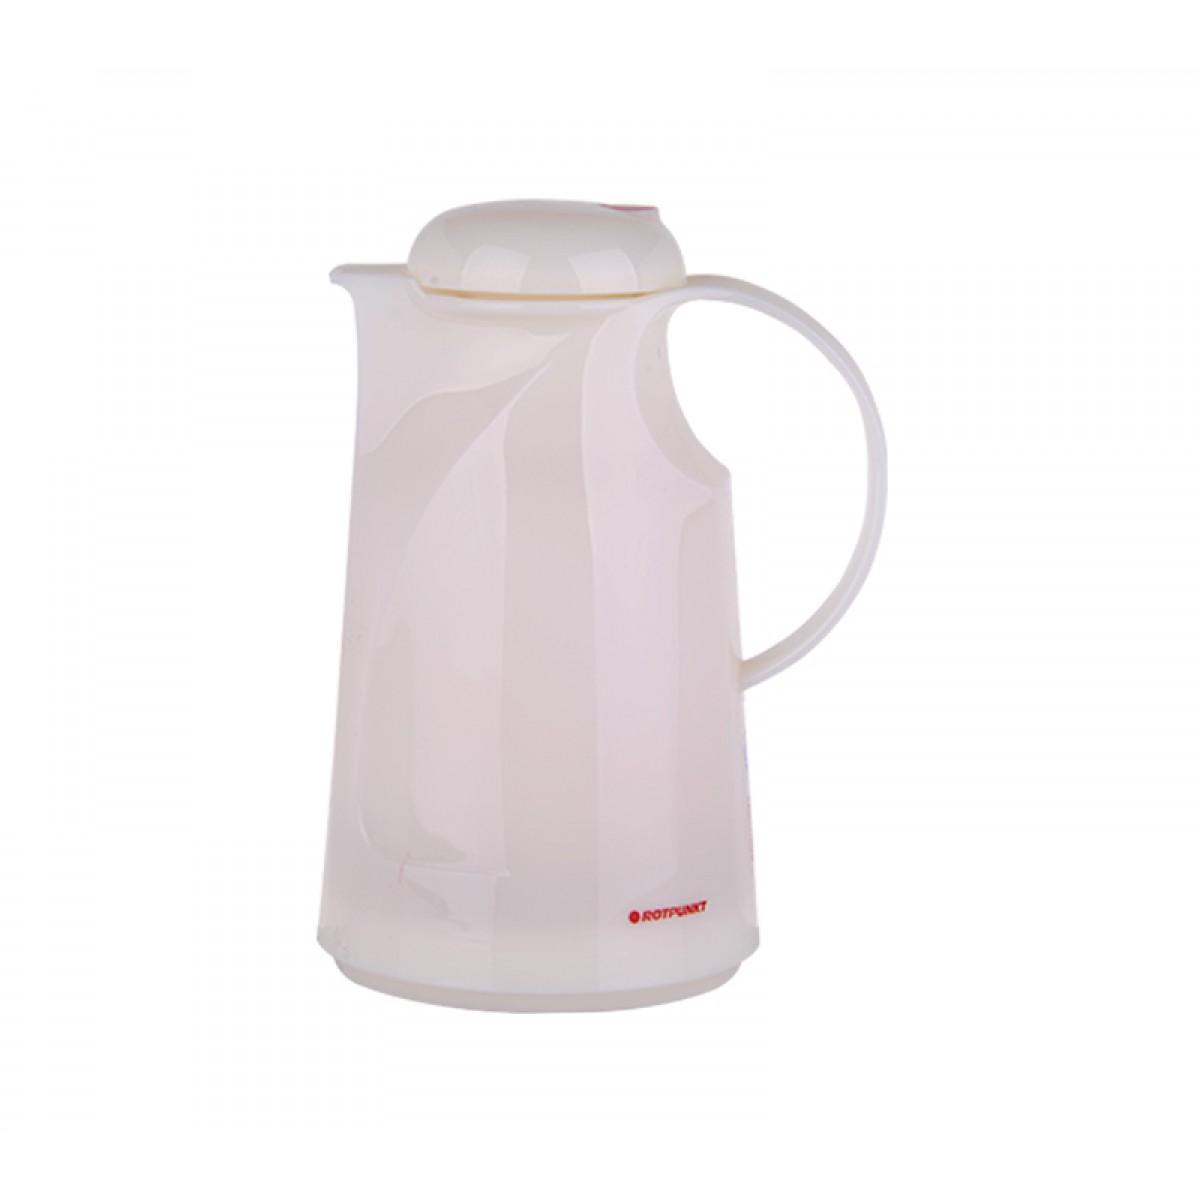 ترمس شاي وقهوة بلاستيك روتبونت  الماني ,1 لتر